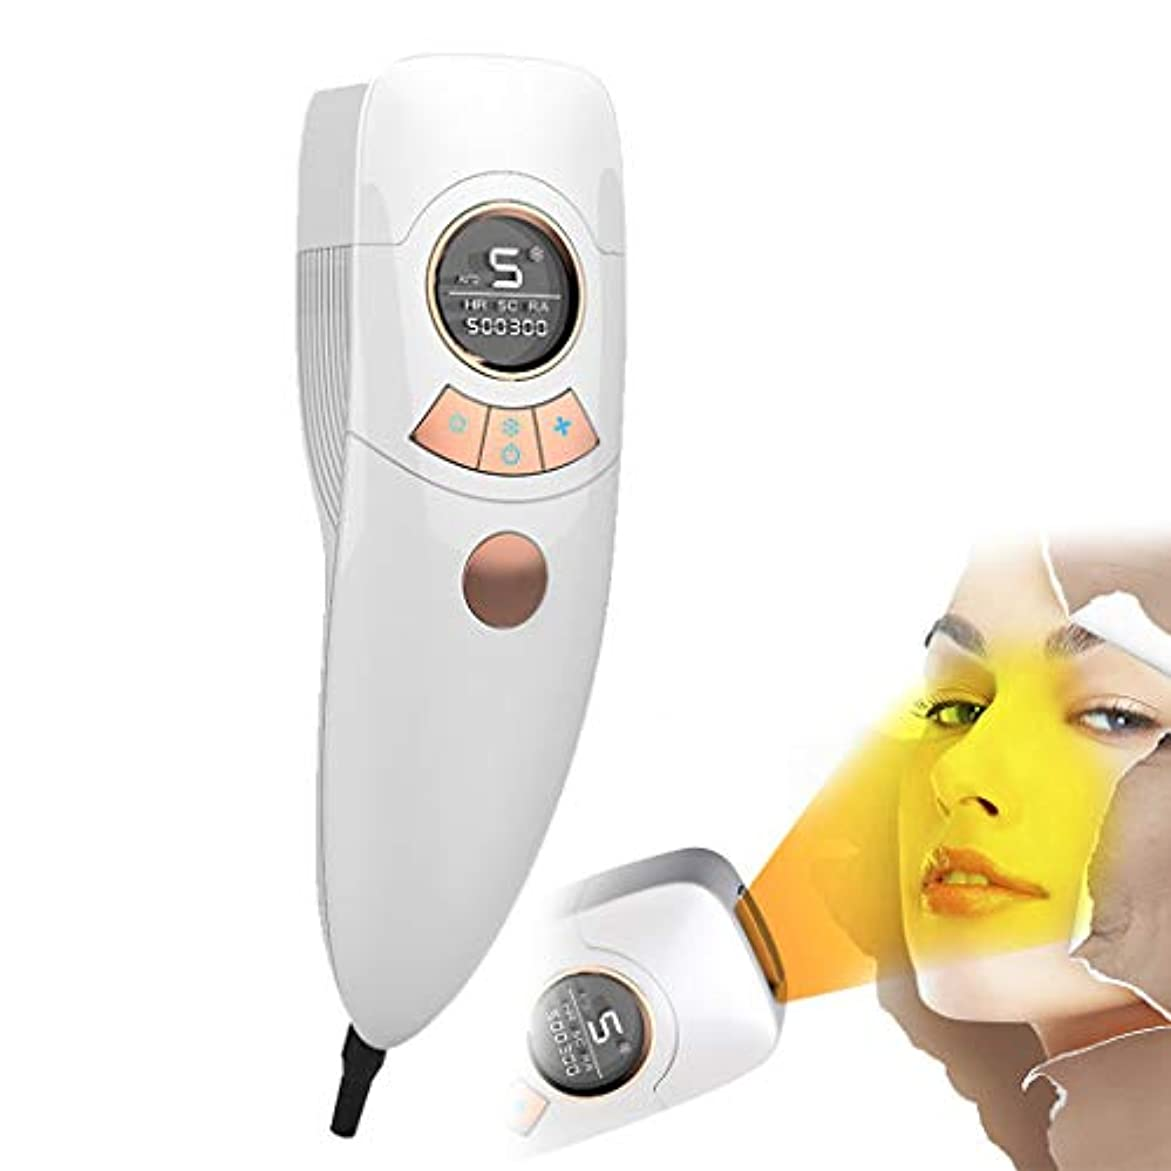 まどろみのあるブローホールメーター電気脱毛装置は痛みがありません女性4で1充電式電気脱毛器の髪、ビキニエリア鼻脇の下腕の脚の痛みのない永久的な体毛リムーバー-White